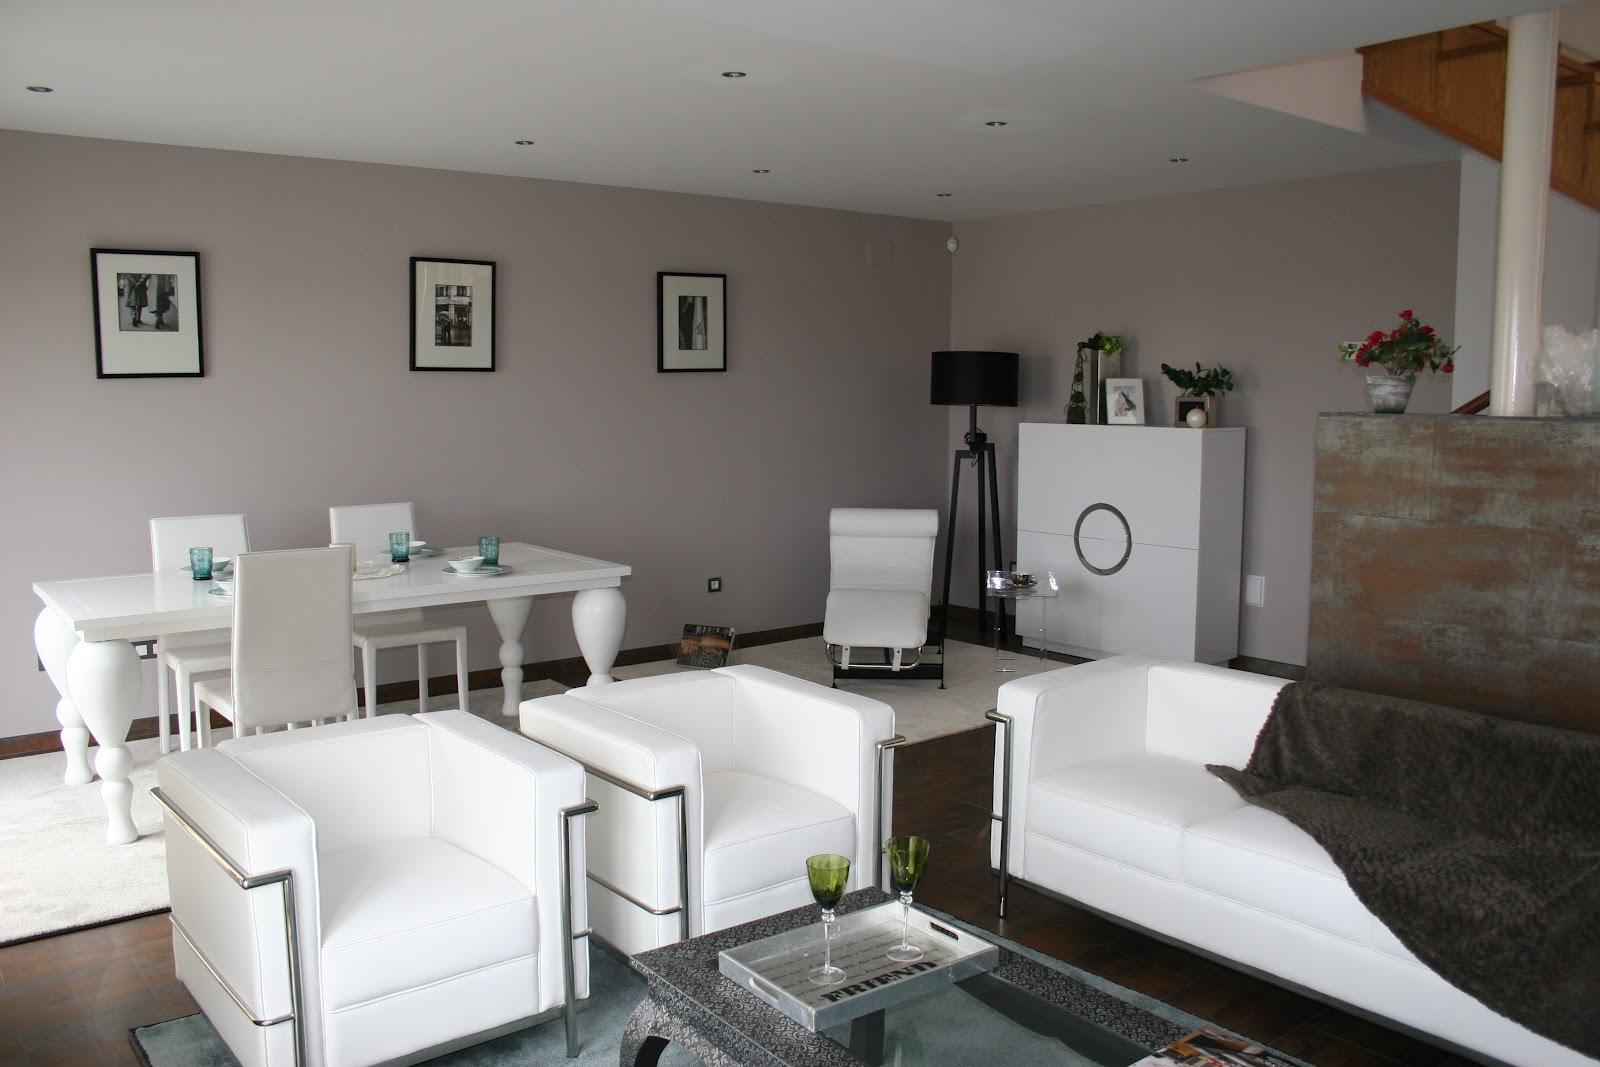 Roomyshowroom facilitar la venta y alquiler de pisos - Pisos pilotos decorados ...